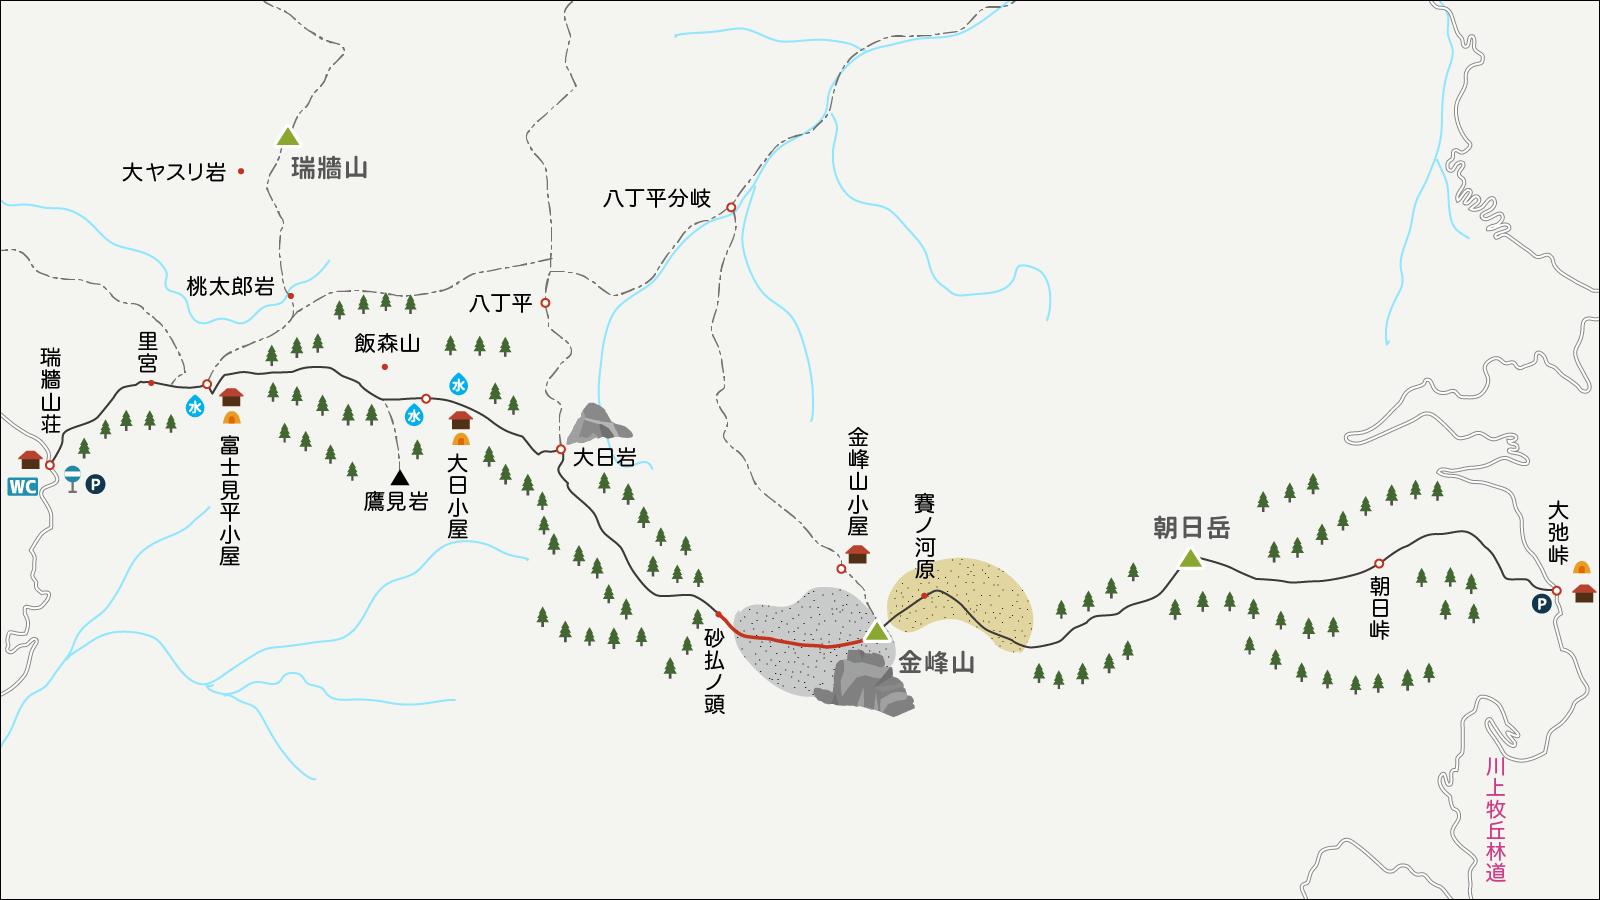 金峰山砂払ノ頭から金峰山までのイラストマップ